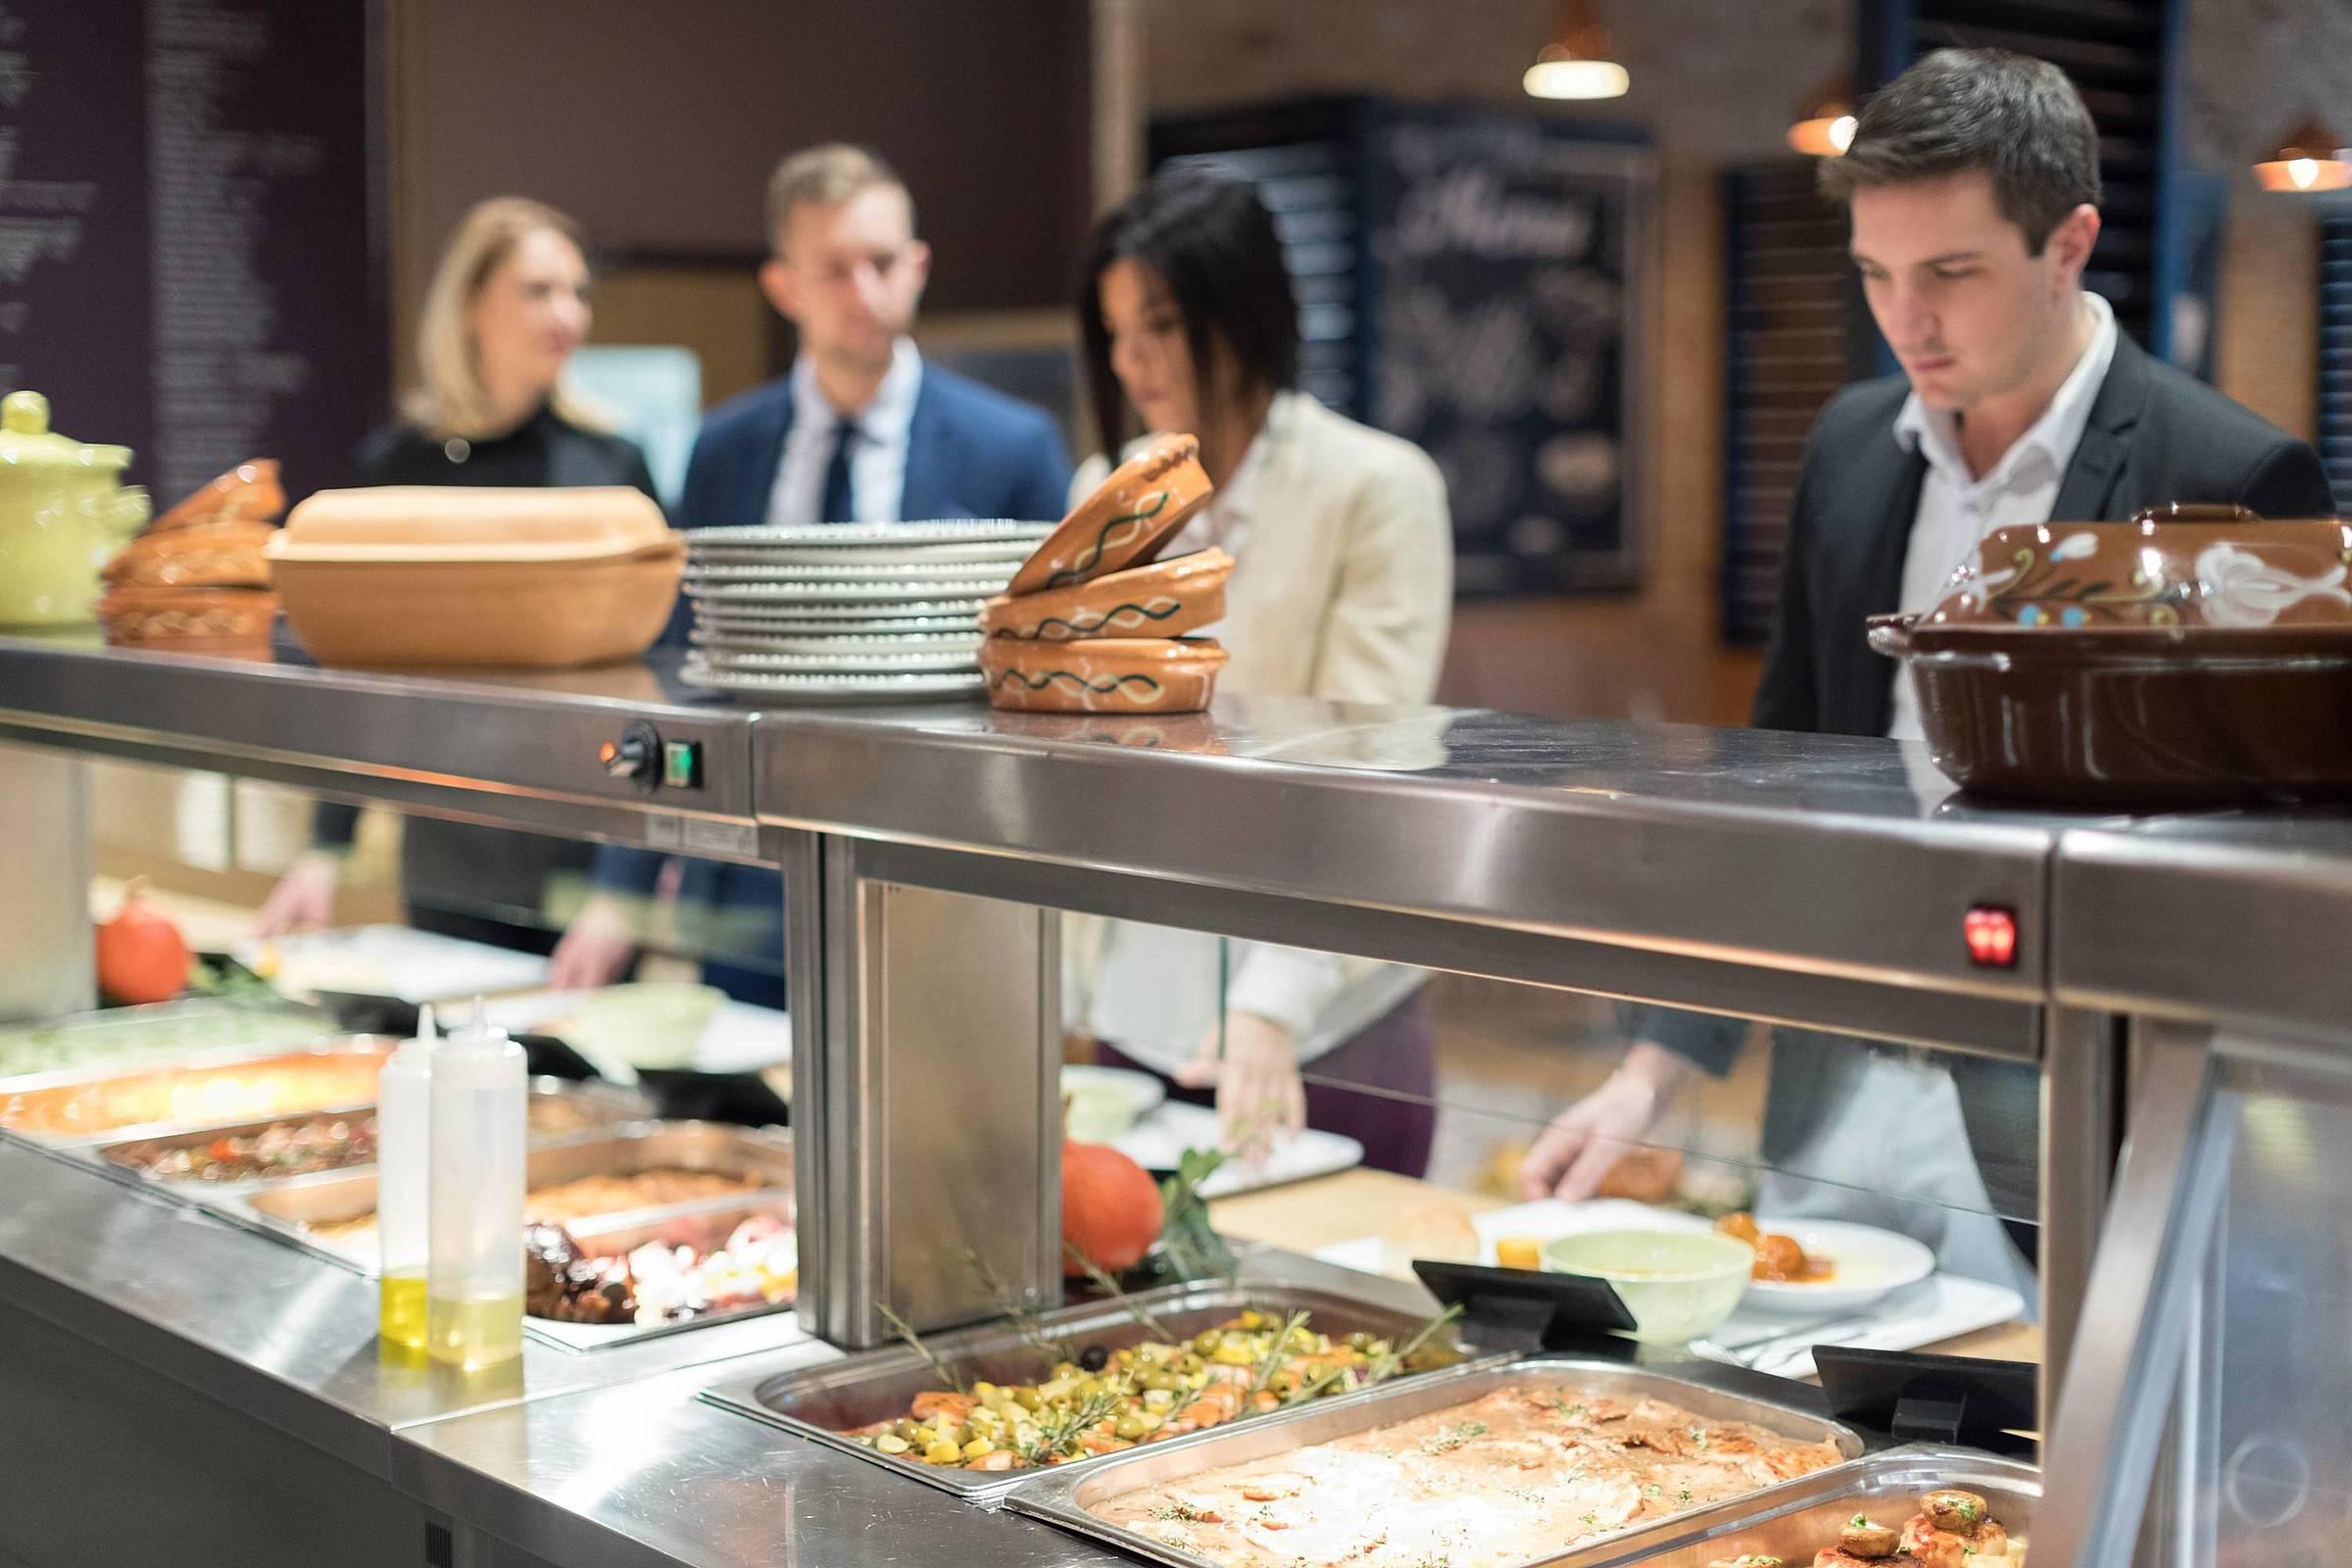 Restaurante na empresa: por que contratar uma consultoria antes de implementar?